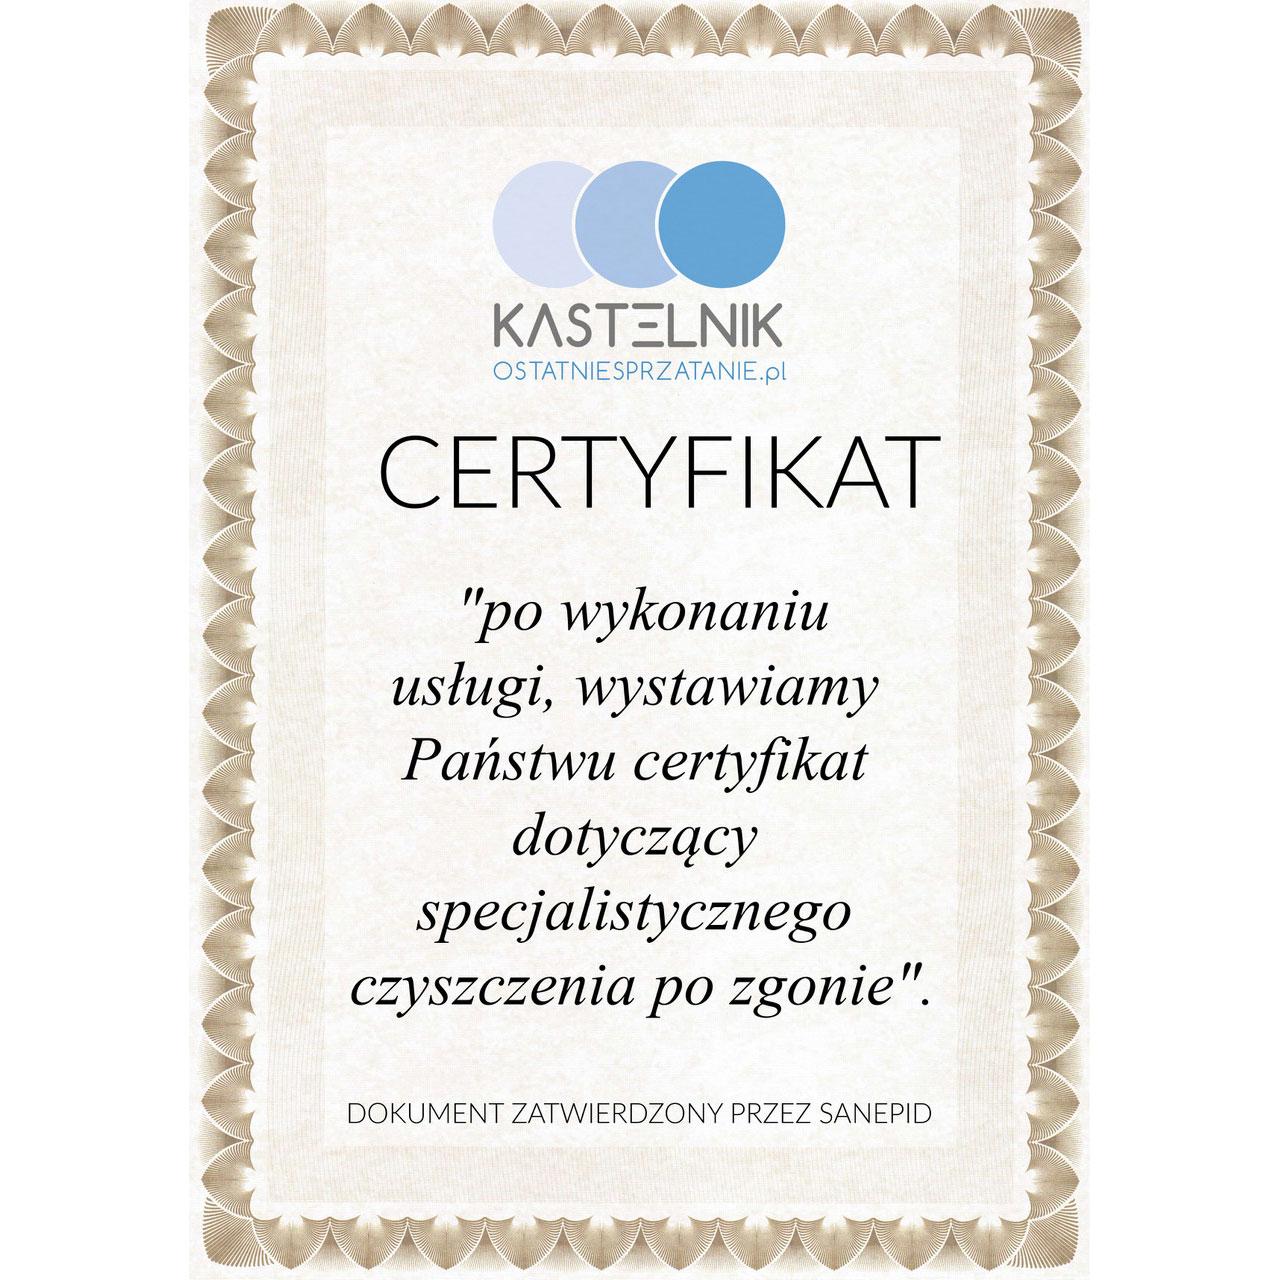 Certyfikat sprzątania po zmarłych w Krakowie